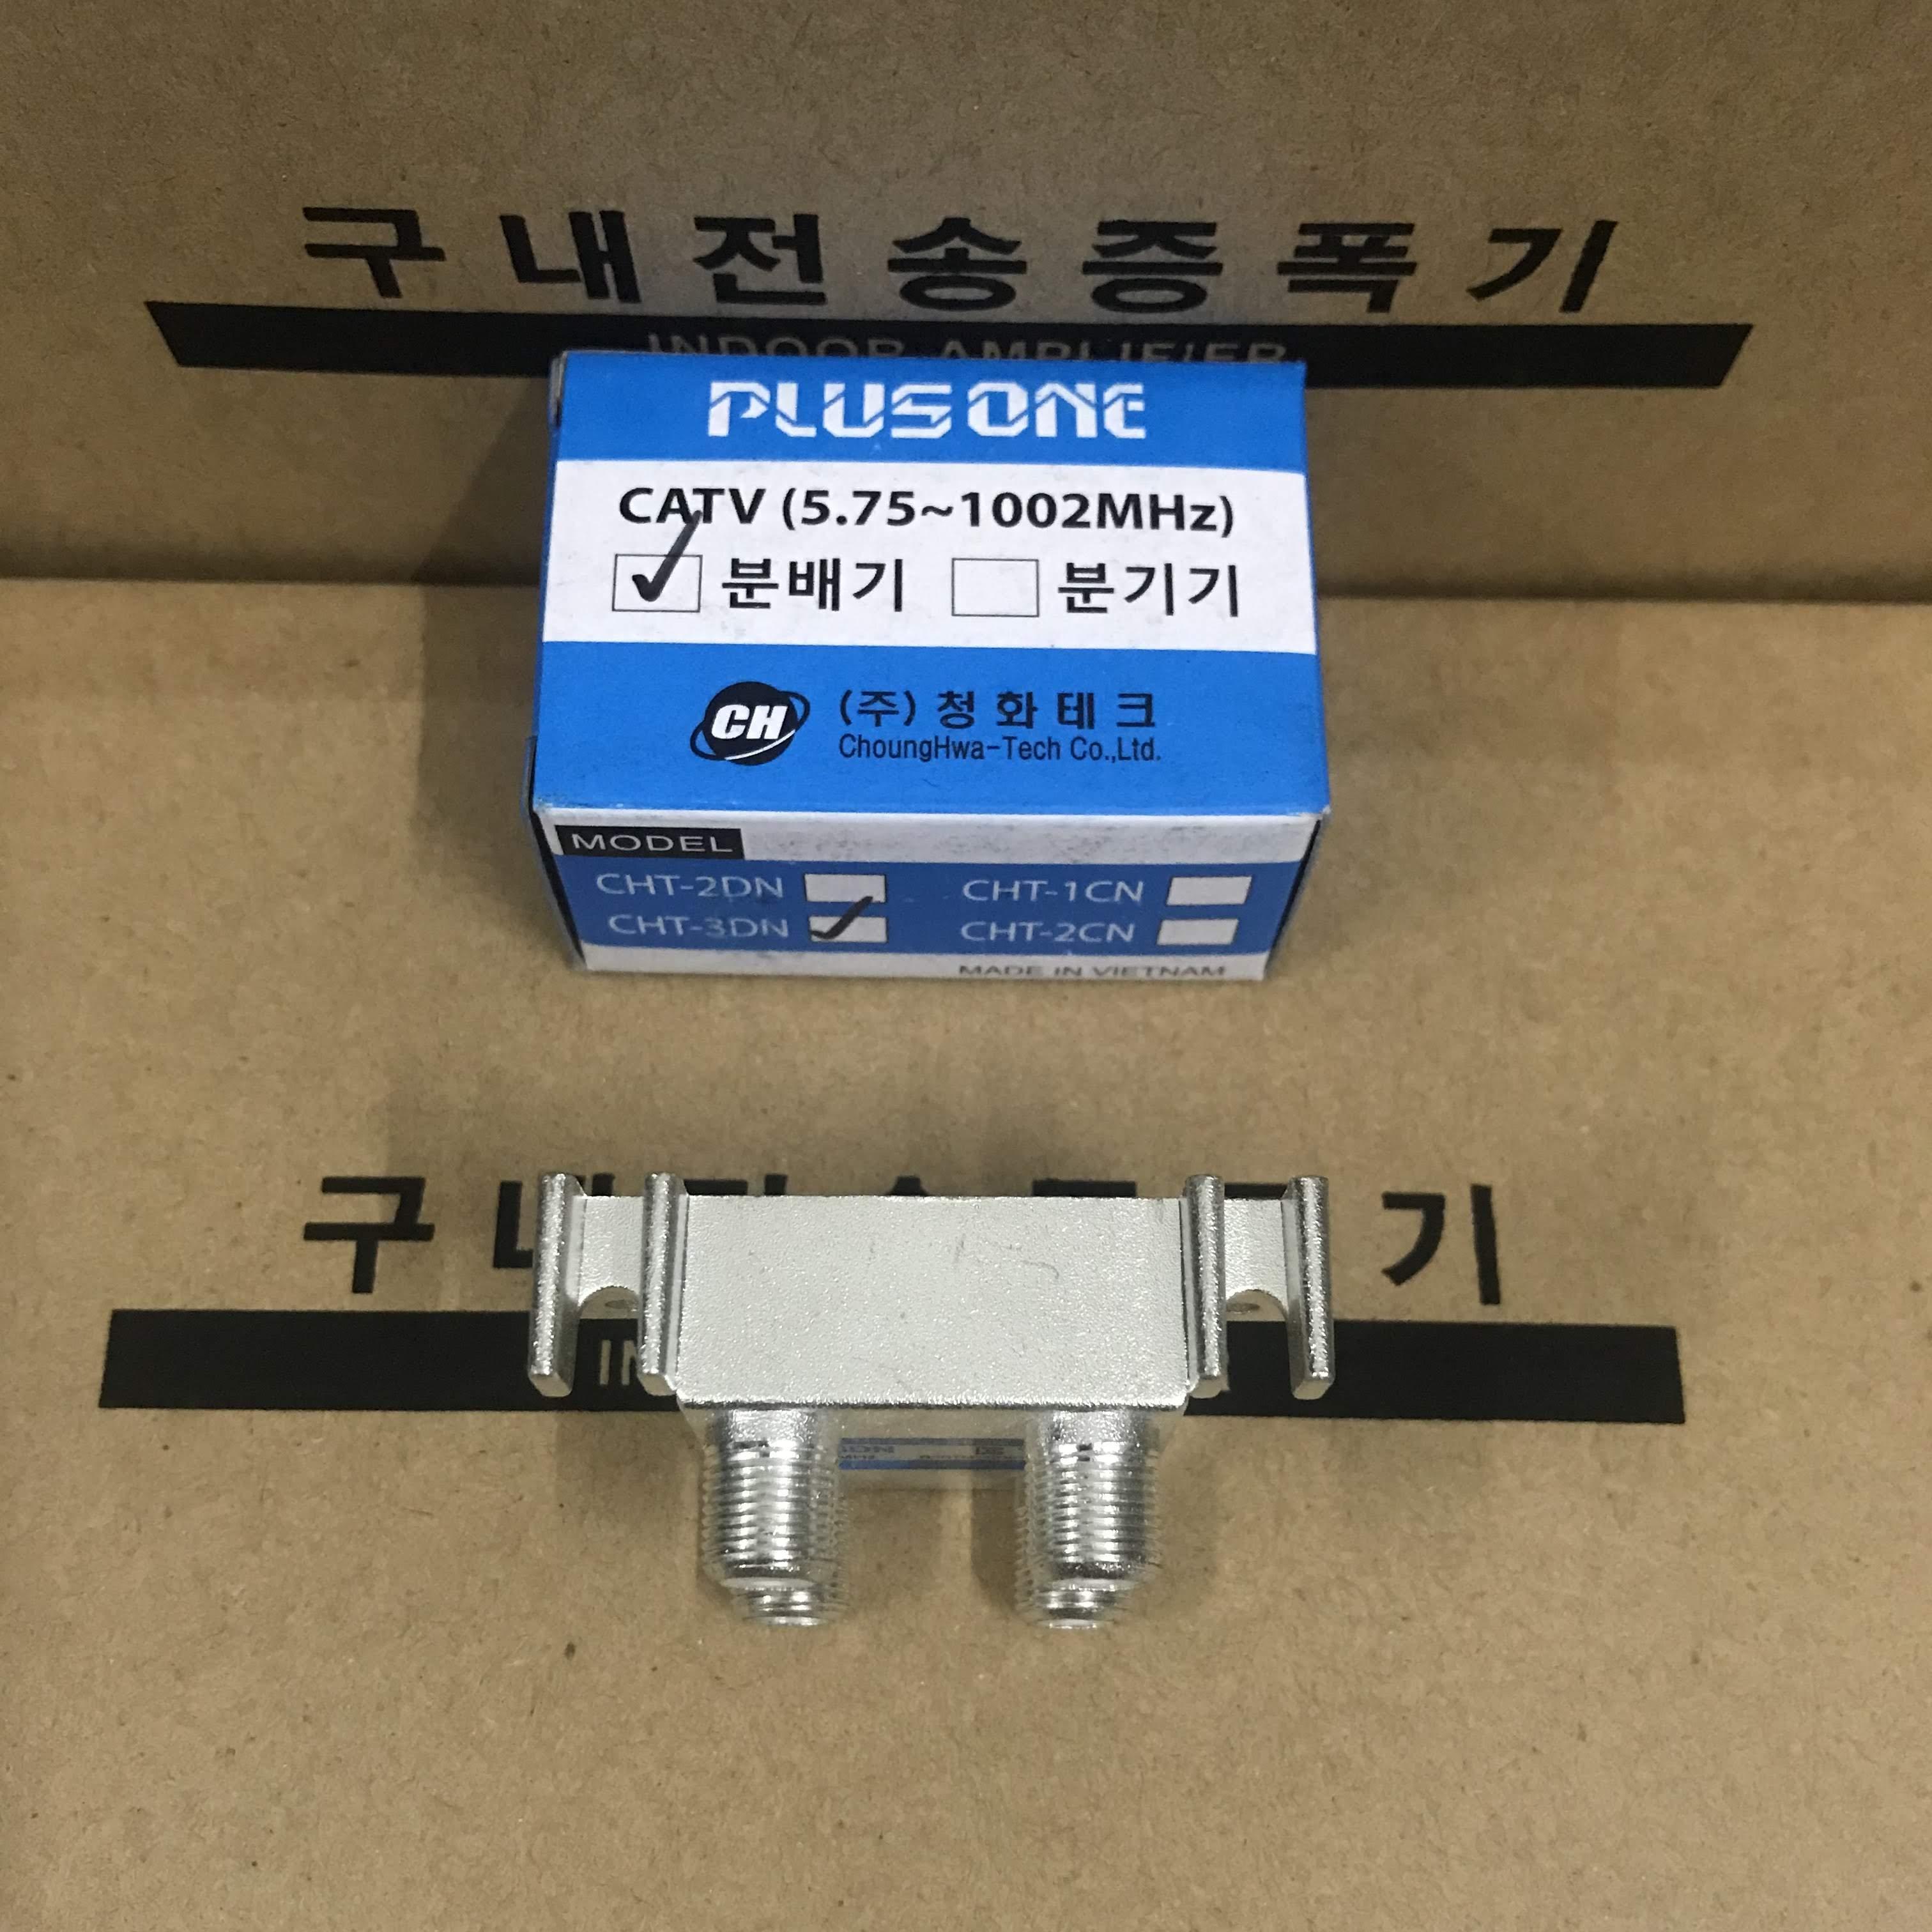 Bộ Chia 3 CHT [PLUSONE - Hàn Quốc] Dùng Chia Truyền Hình Cáp, Anten KTS - HÀNG CHÍNH HÃNG